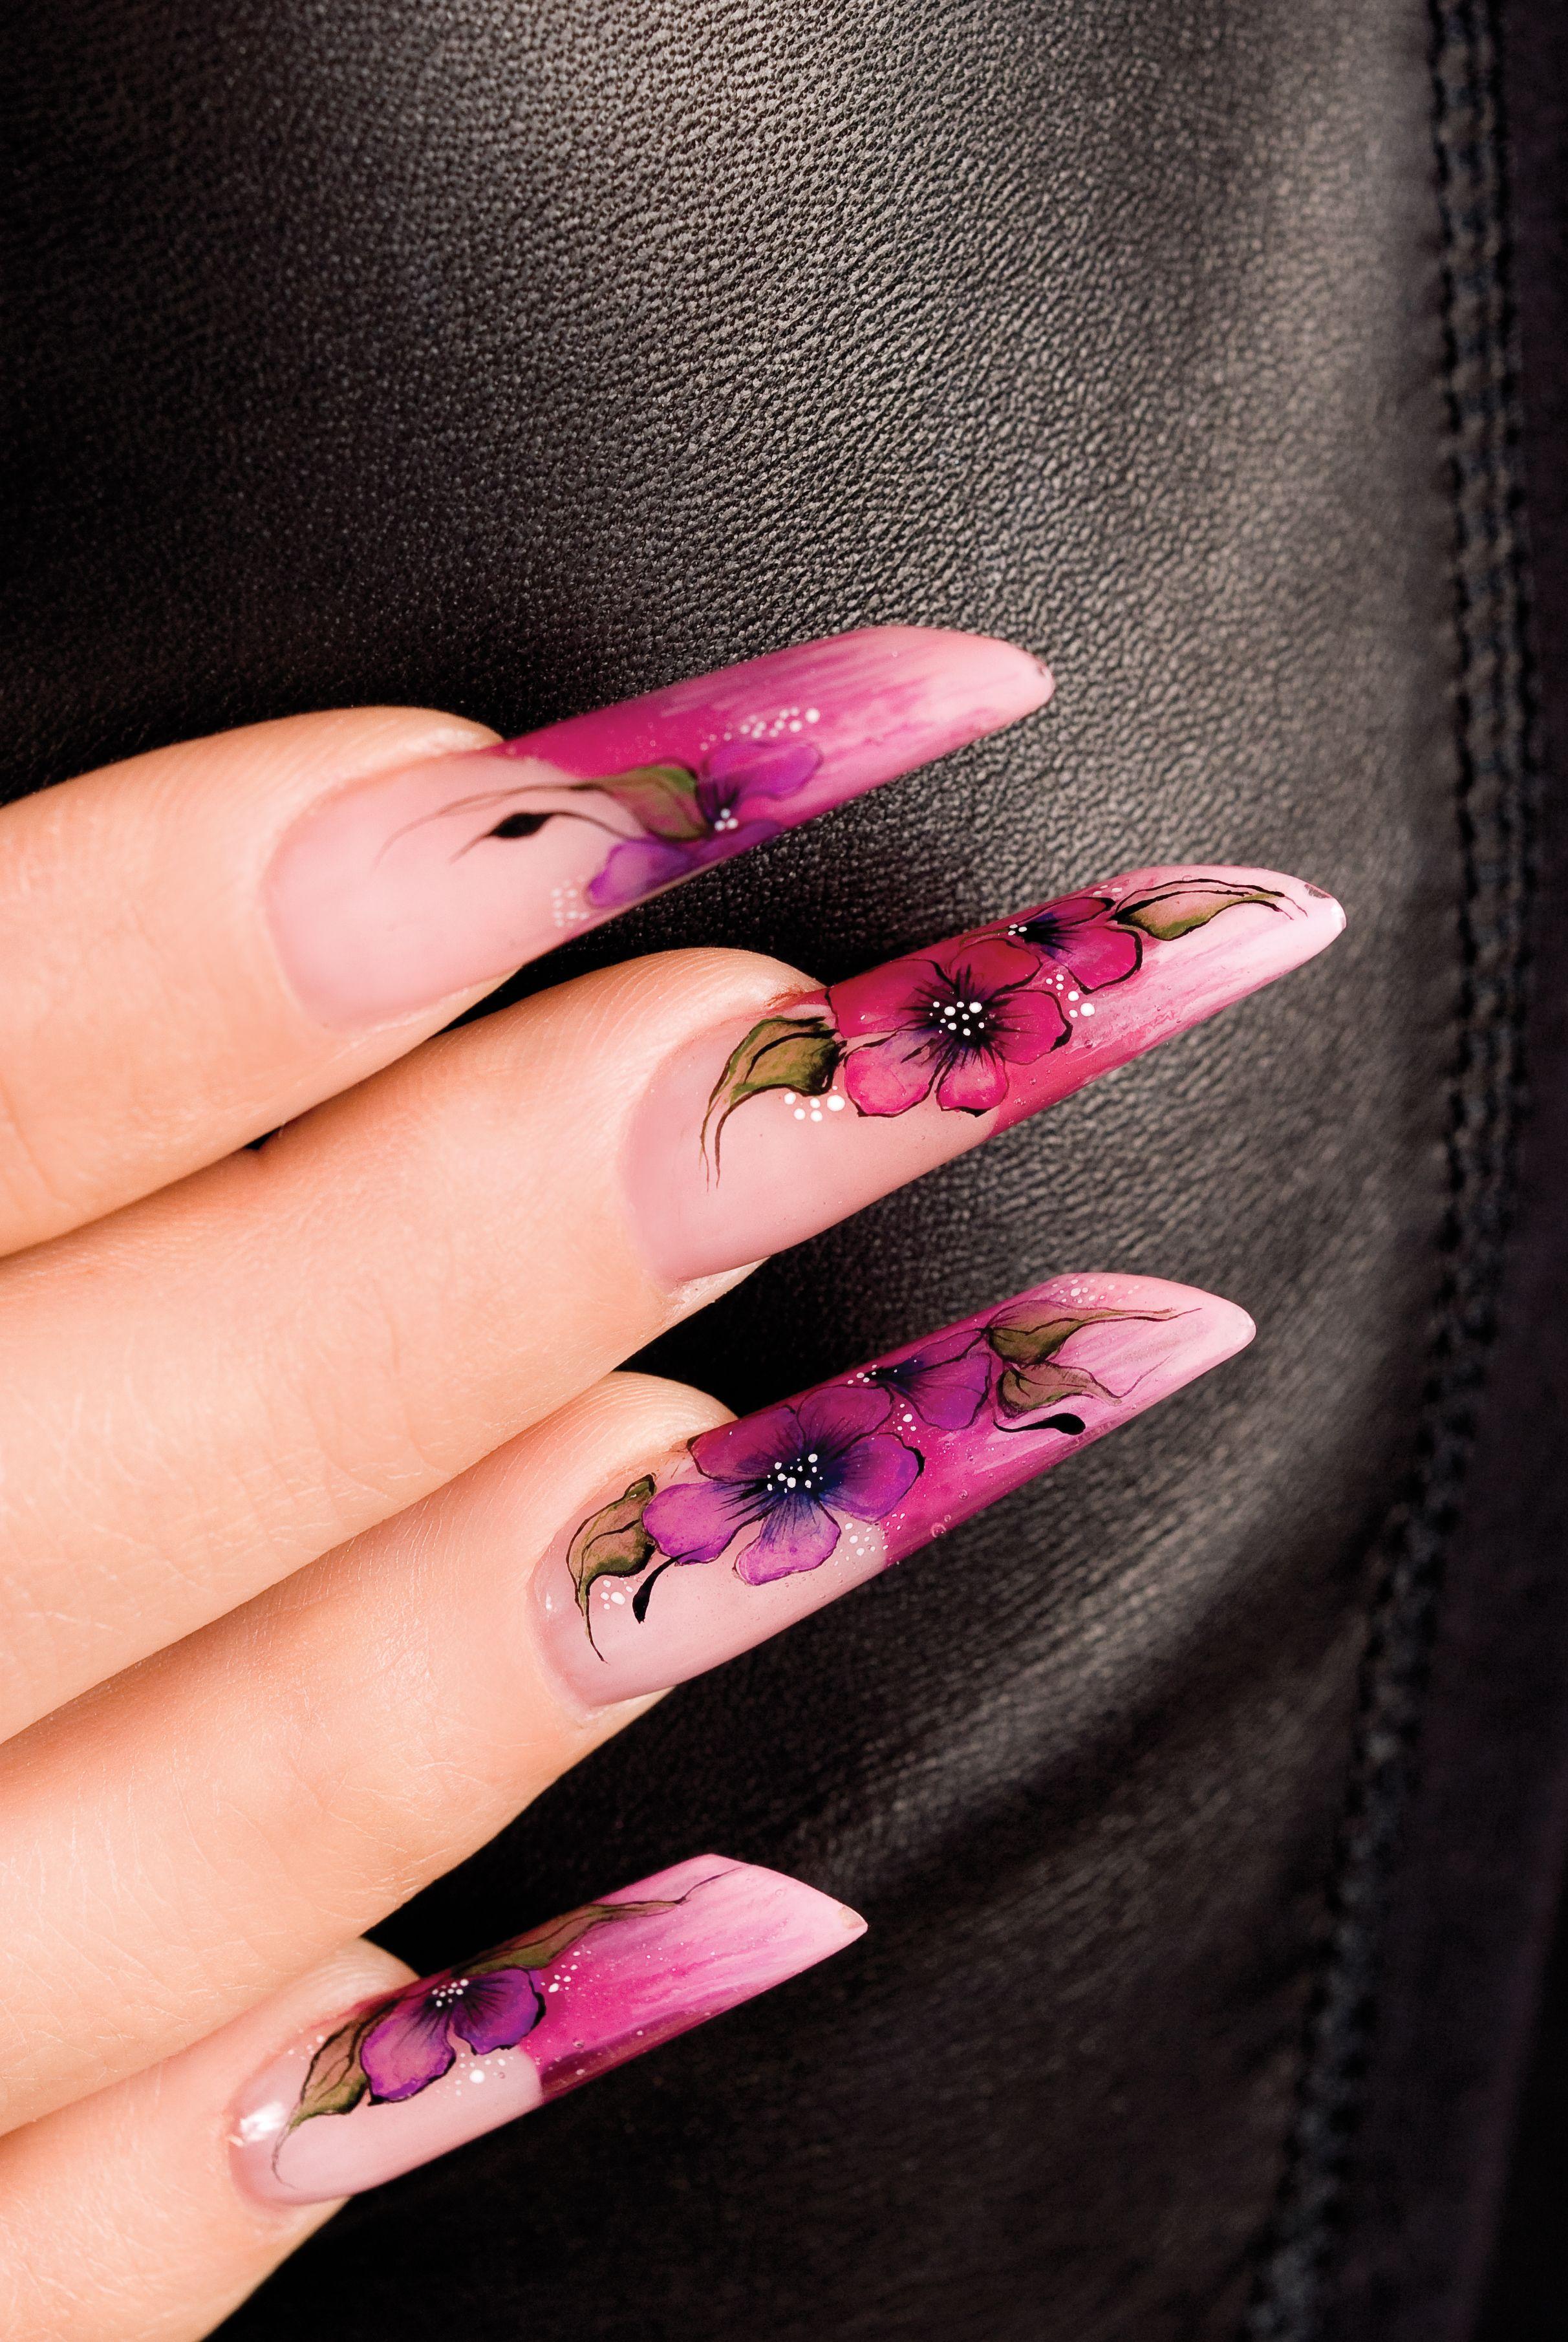 Ansprechend Gelnägel Muster Beste Wahl #crystalnails #nägel #nagelstudio #nailart #muster #gelnägel #babyboomer